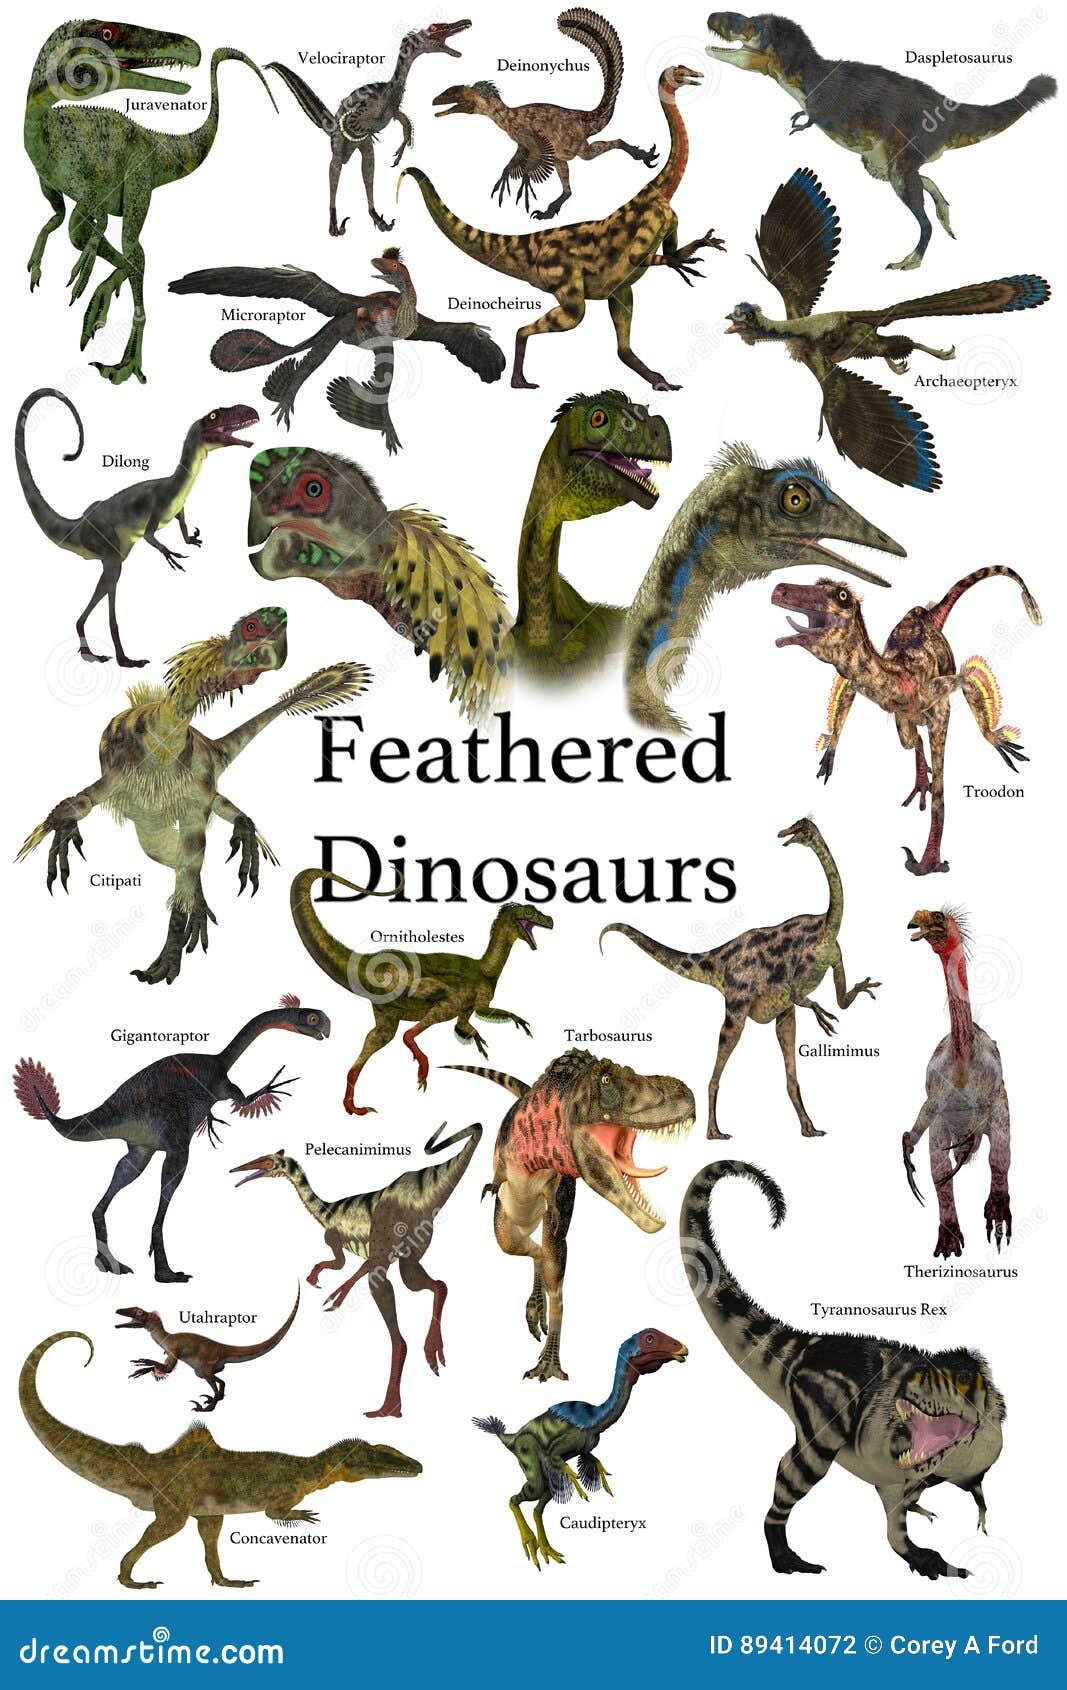 Dinossauros emplumados